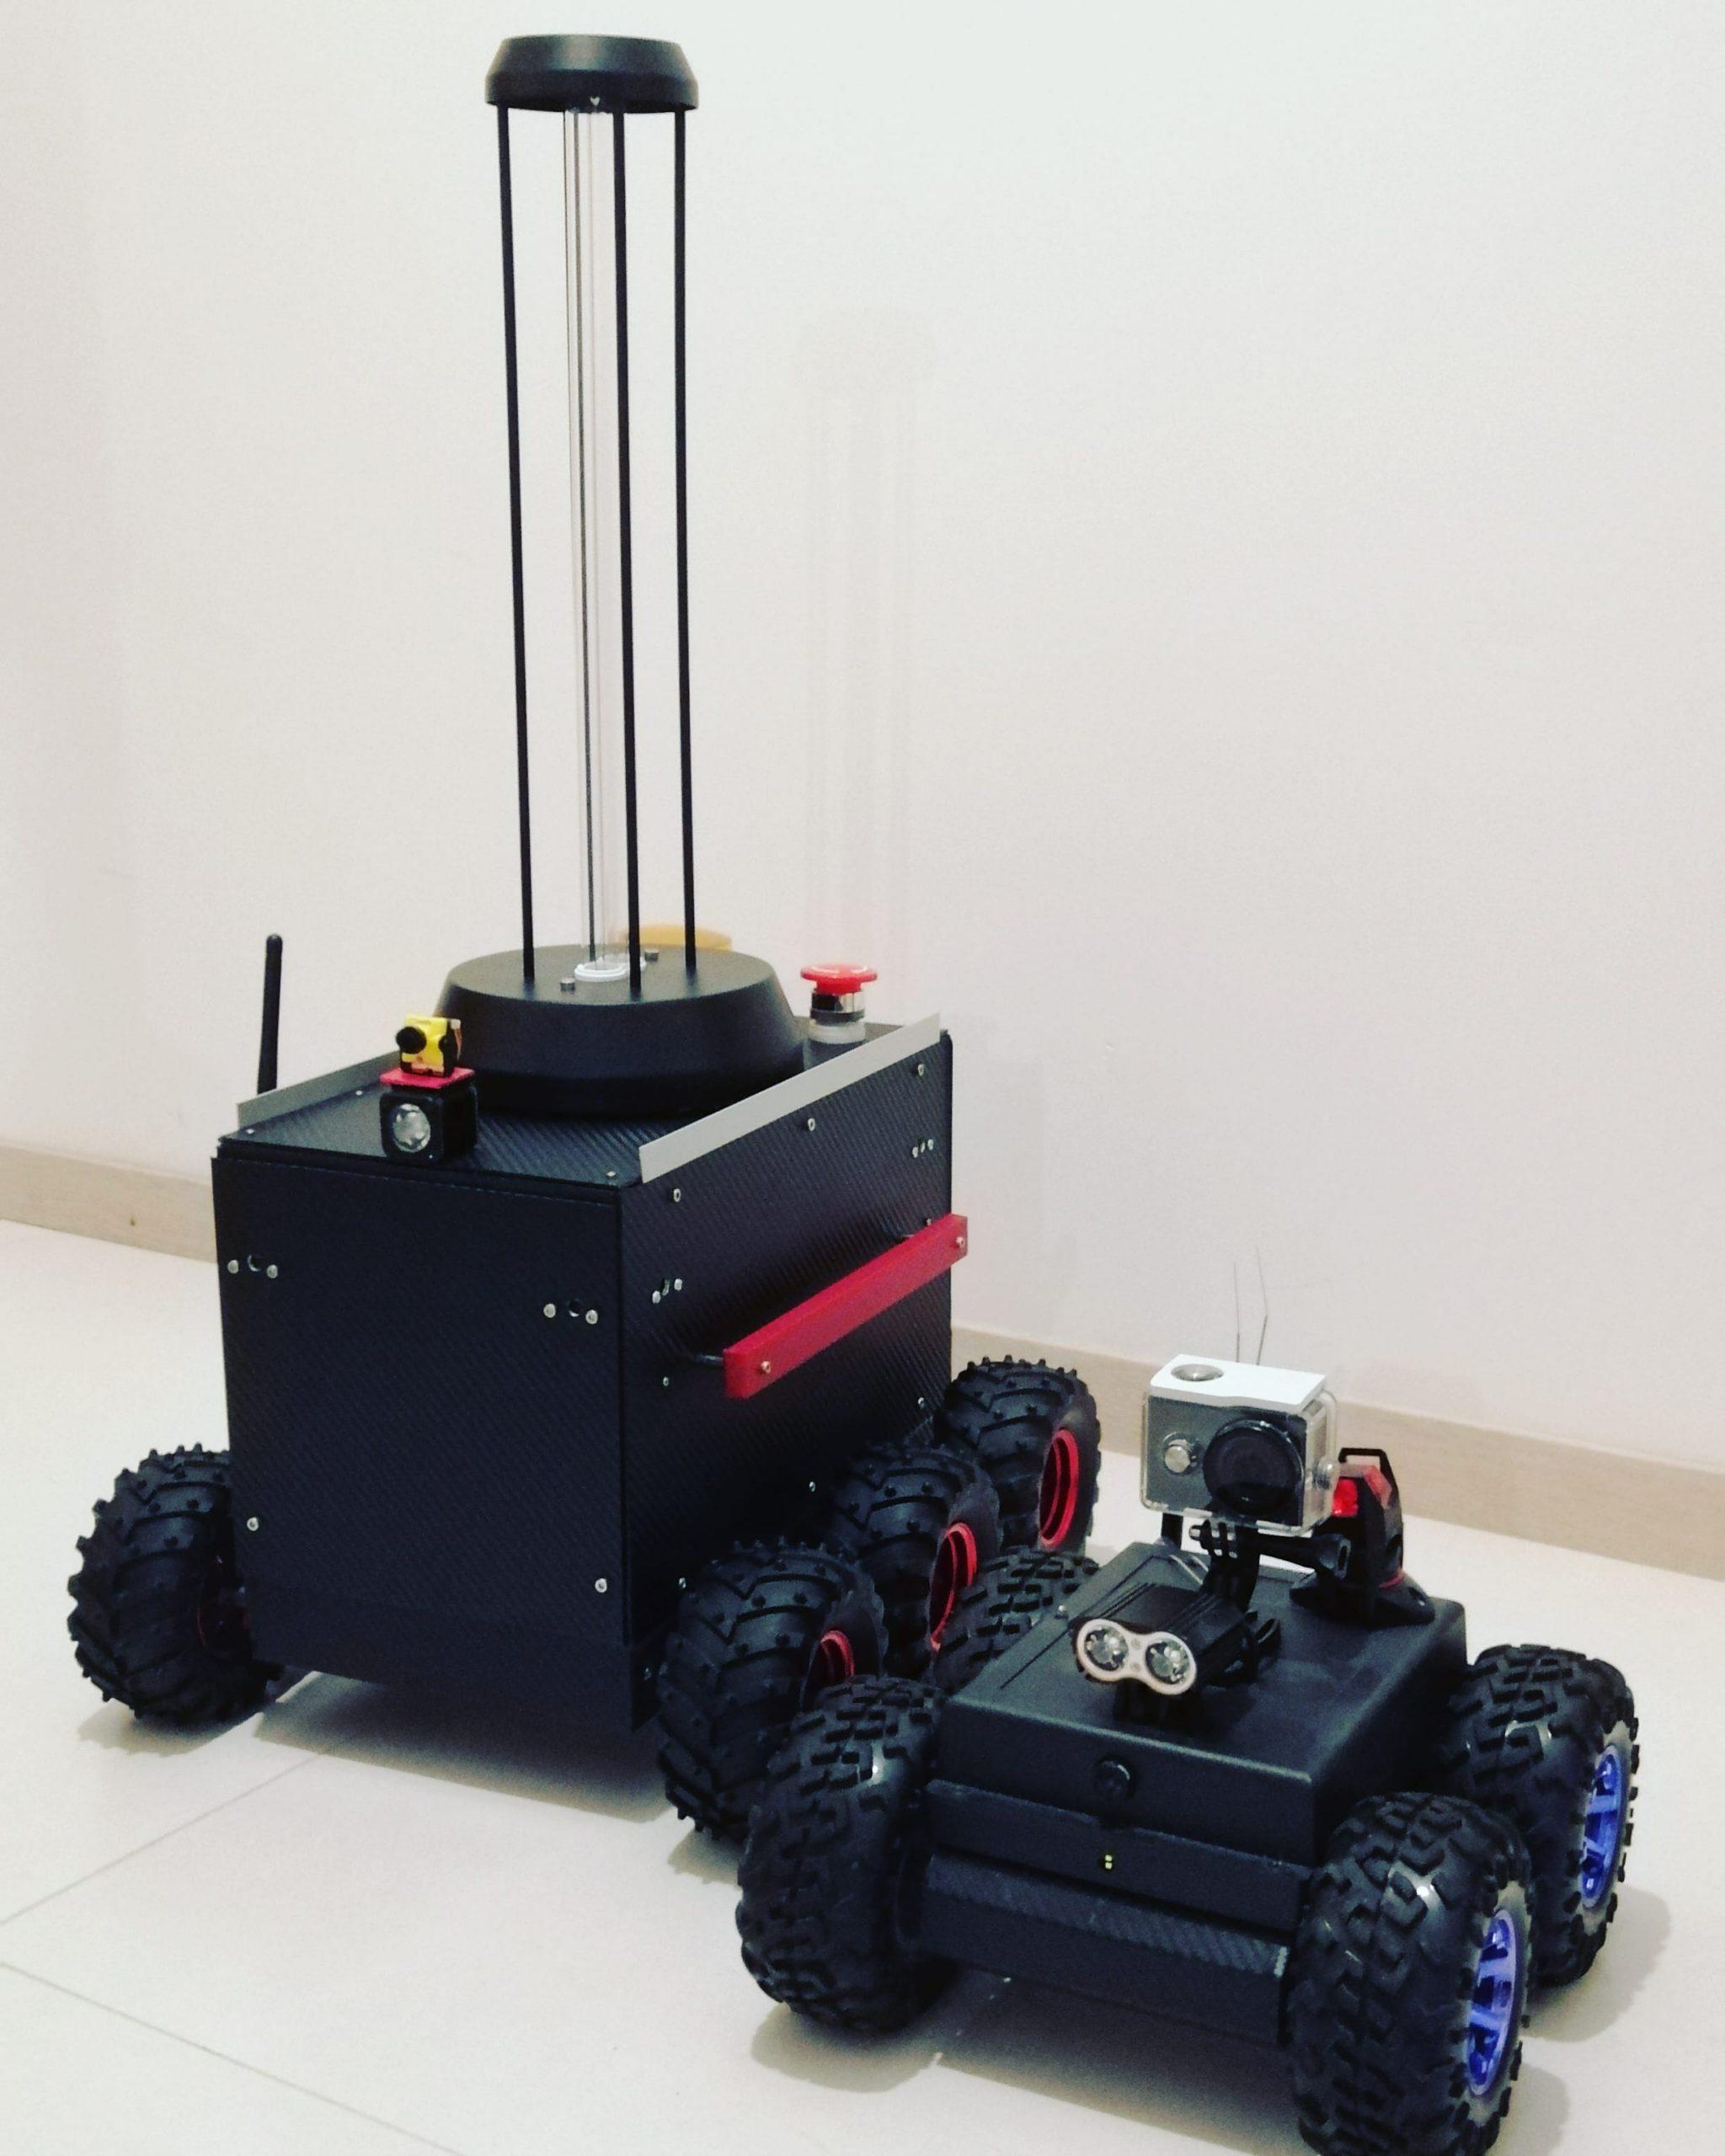 UVC Robots team